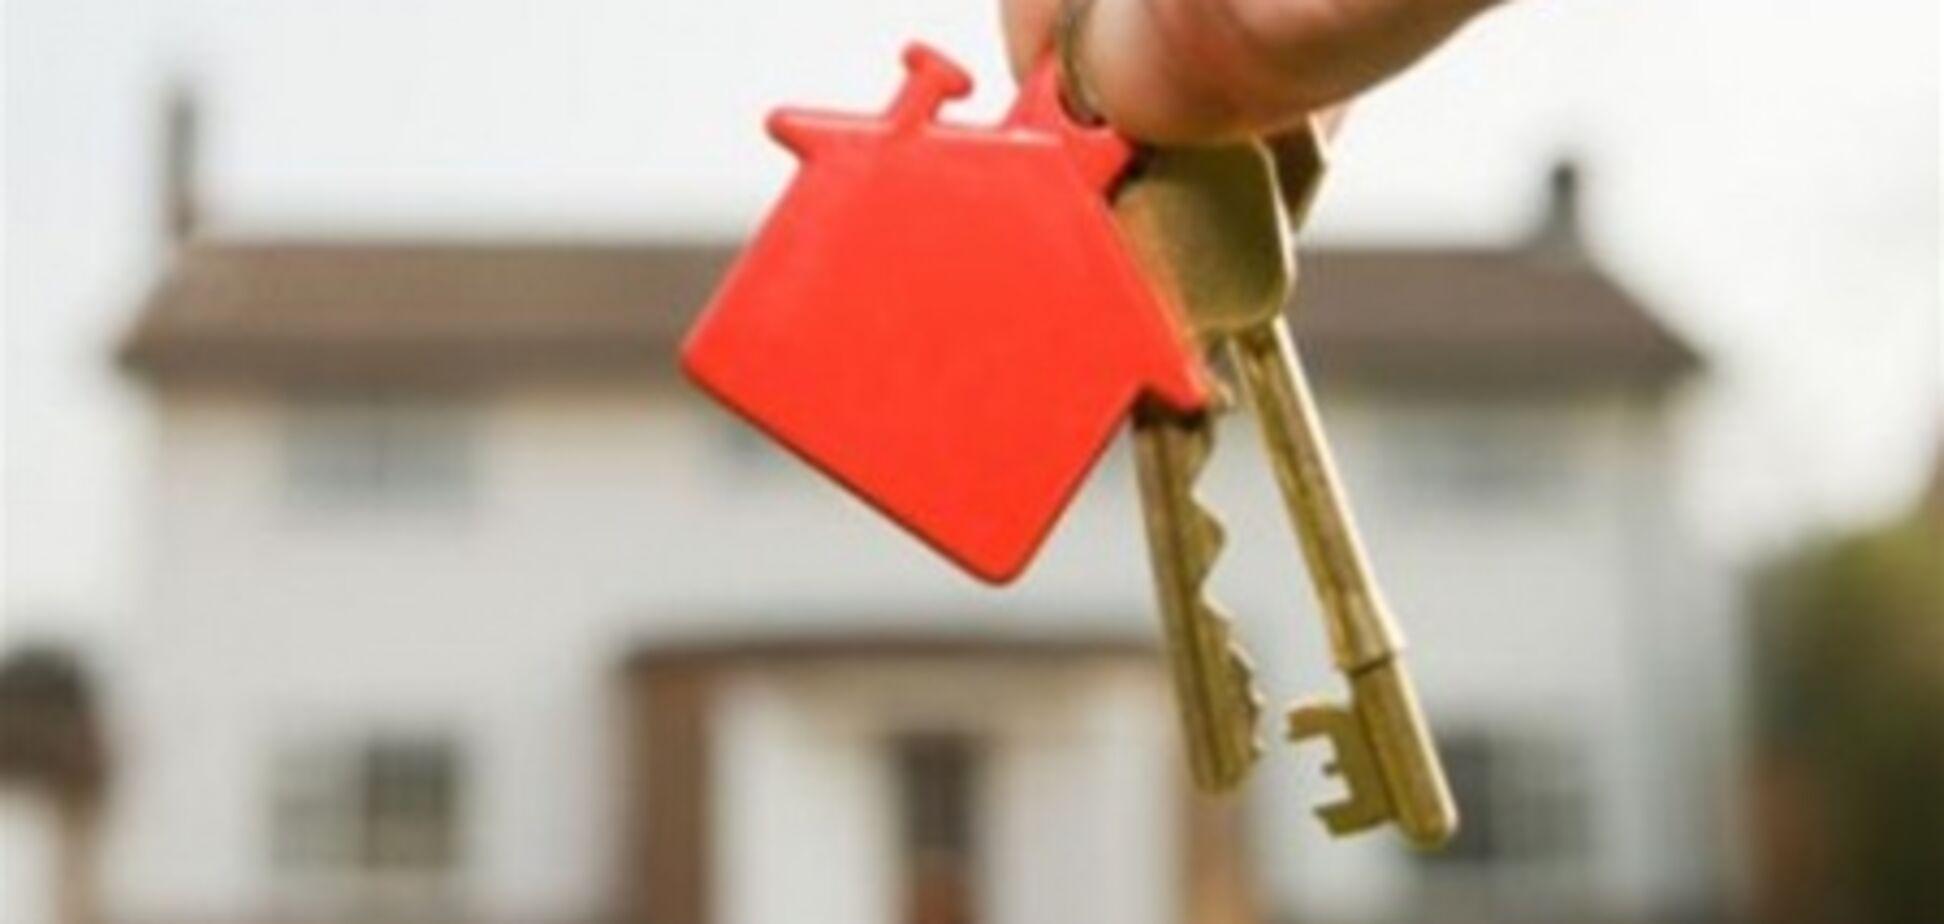 Эксперты: арендаторы загородной недвижимости предпочитают 'эконом' сегмент